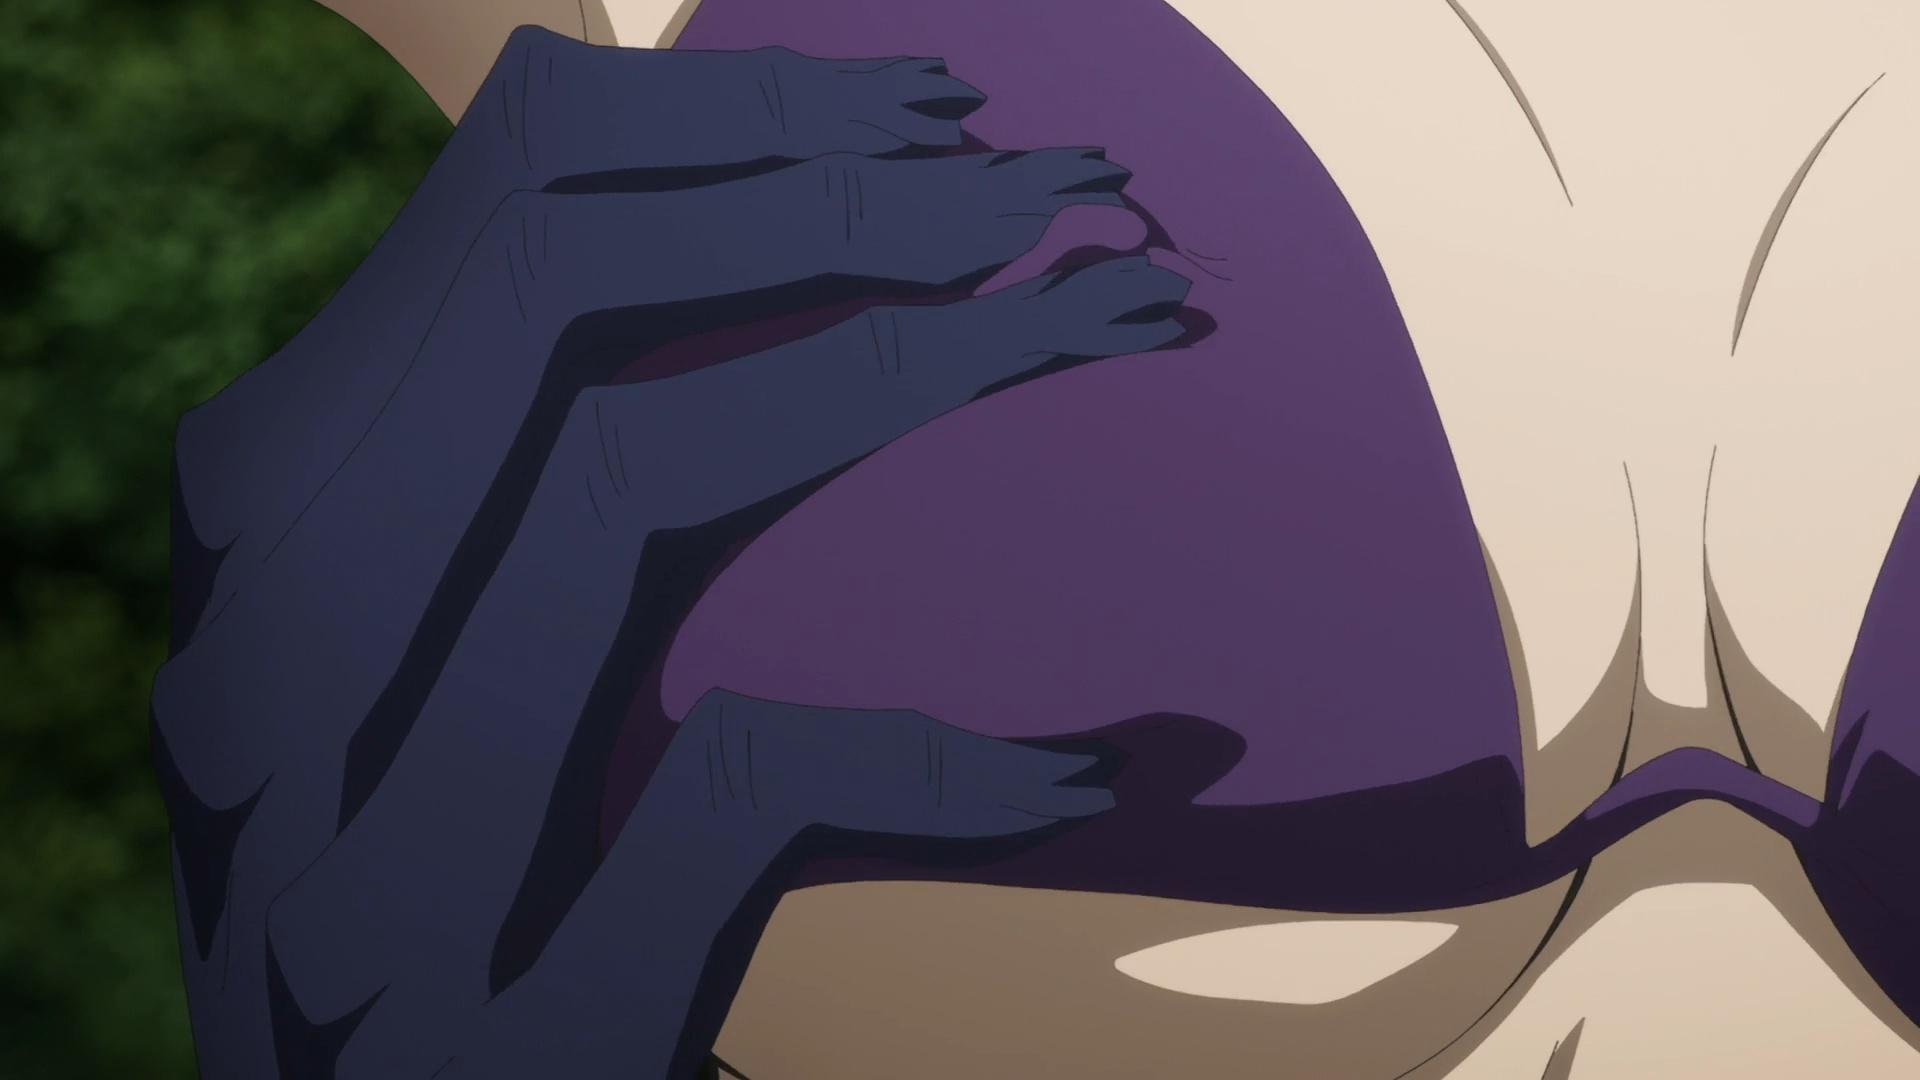 グレイプニル gleipnir 武田すん 伊藤静 小柳紗耶香 動画 一般アニメ エロ 乳首責め 胸揉み 拘束 異種姦